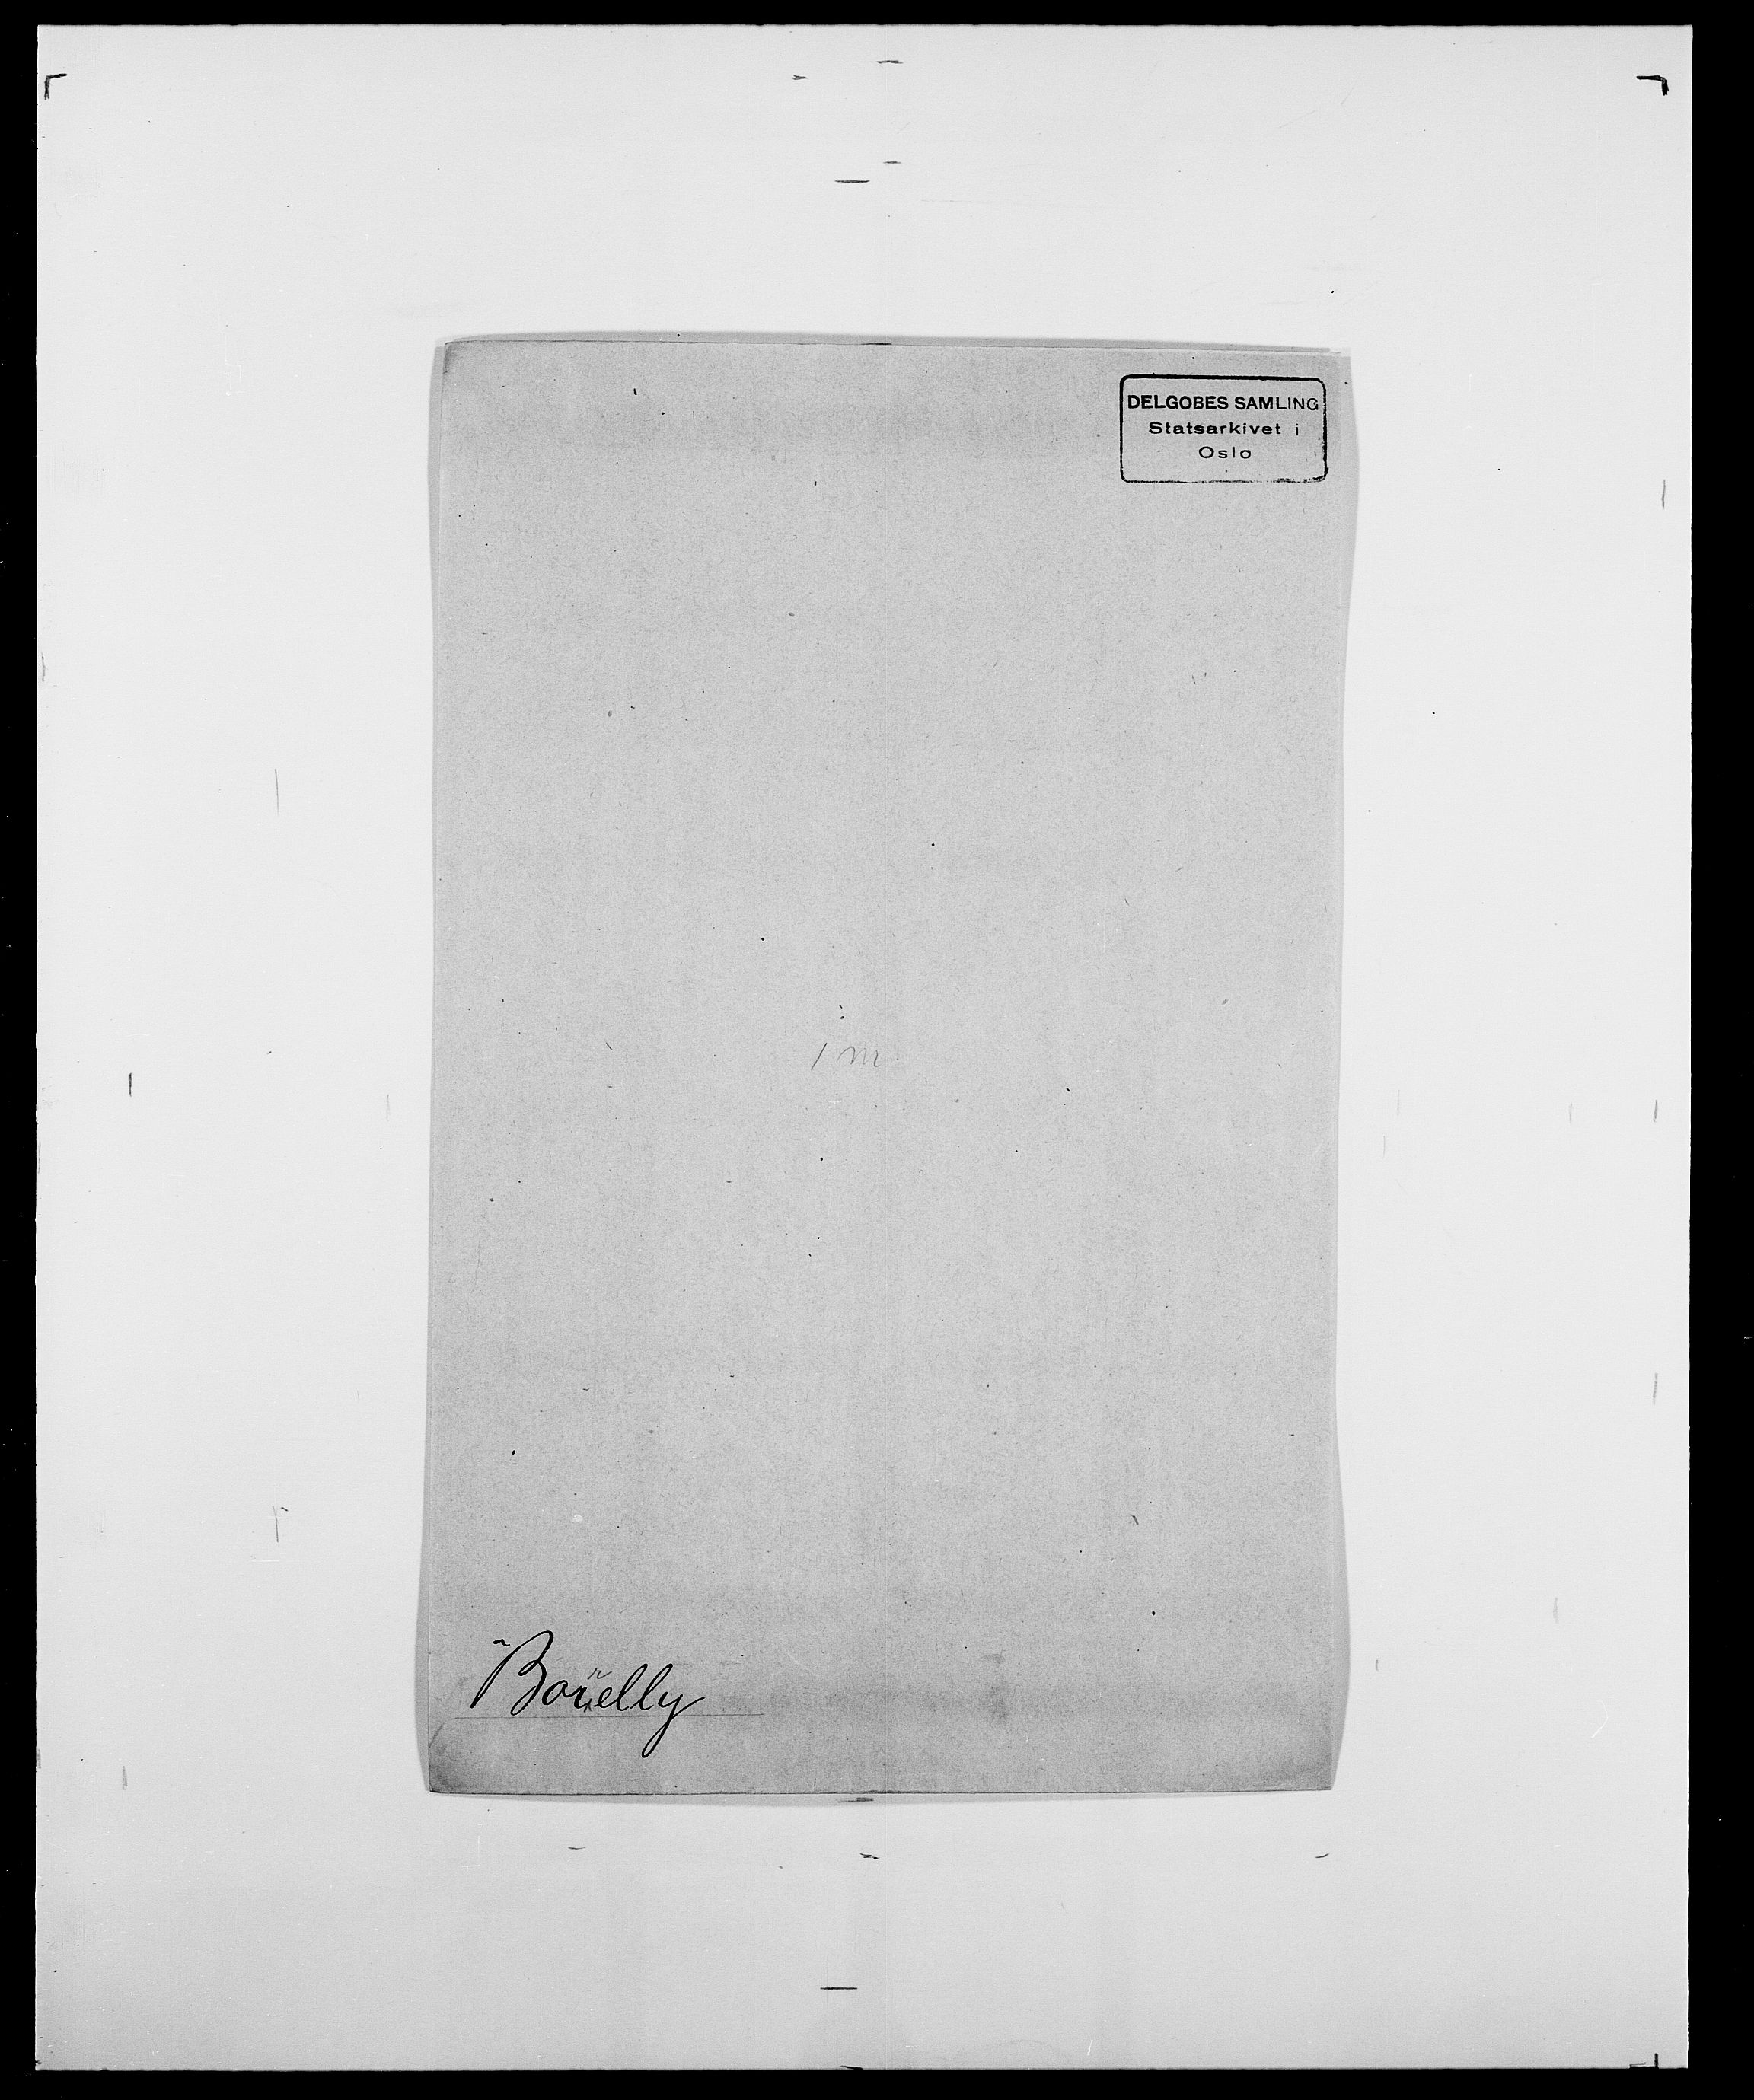 SAO, Delgobe, Charles Antoine - samling, D/Da/L0005: Boalth - Brahm, s. 305